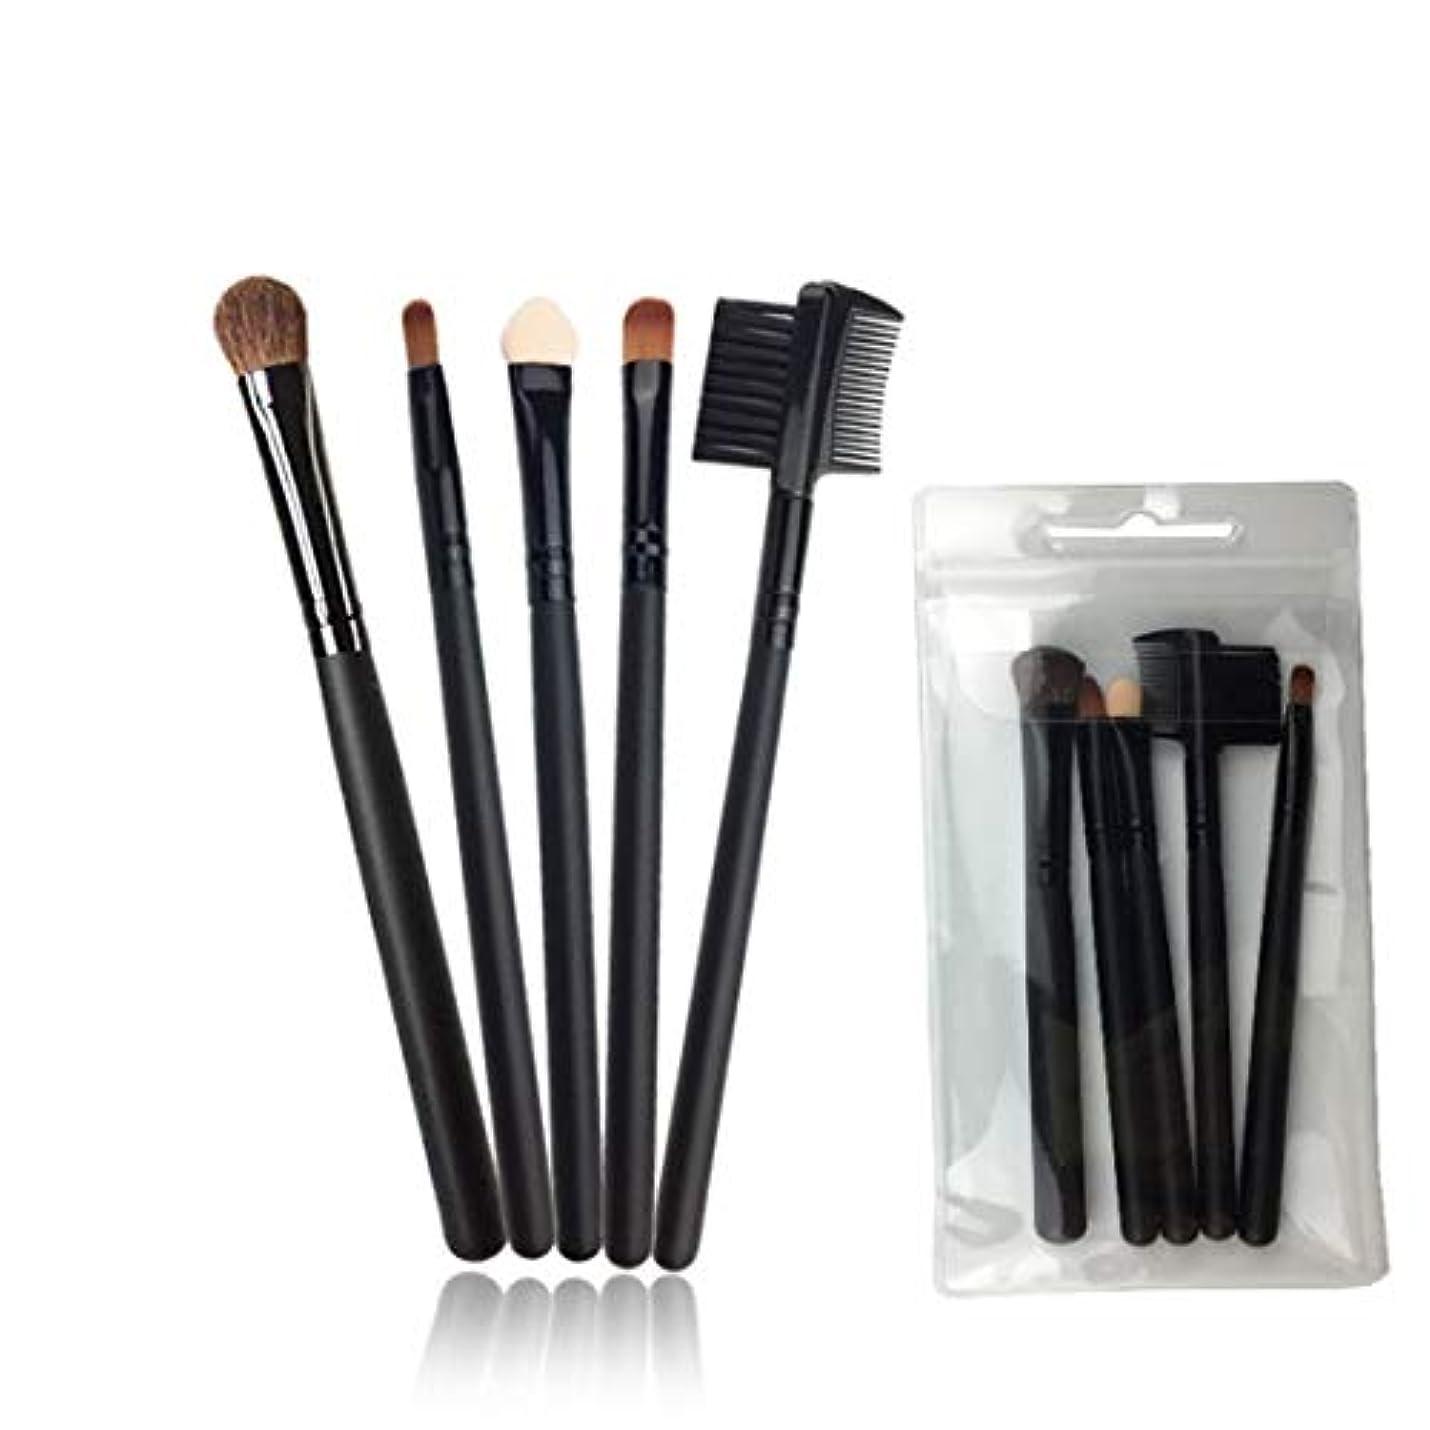 図三角形筋Makeup brushes 黒、旅行ポータブルミニスカートアイメイクメイクツールメイクブラシセット用5メイクブラシ suits (Color : Black)